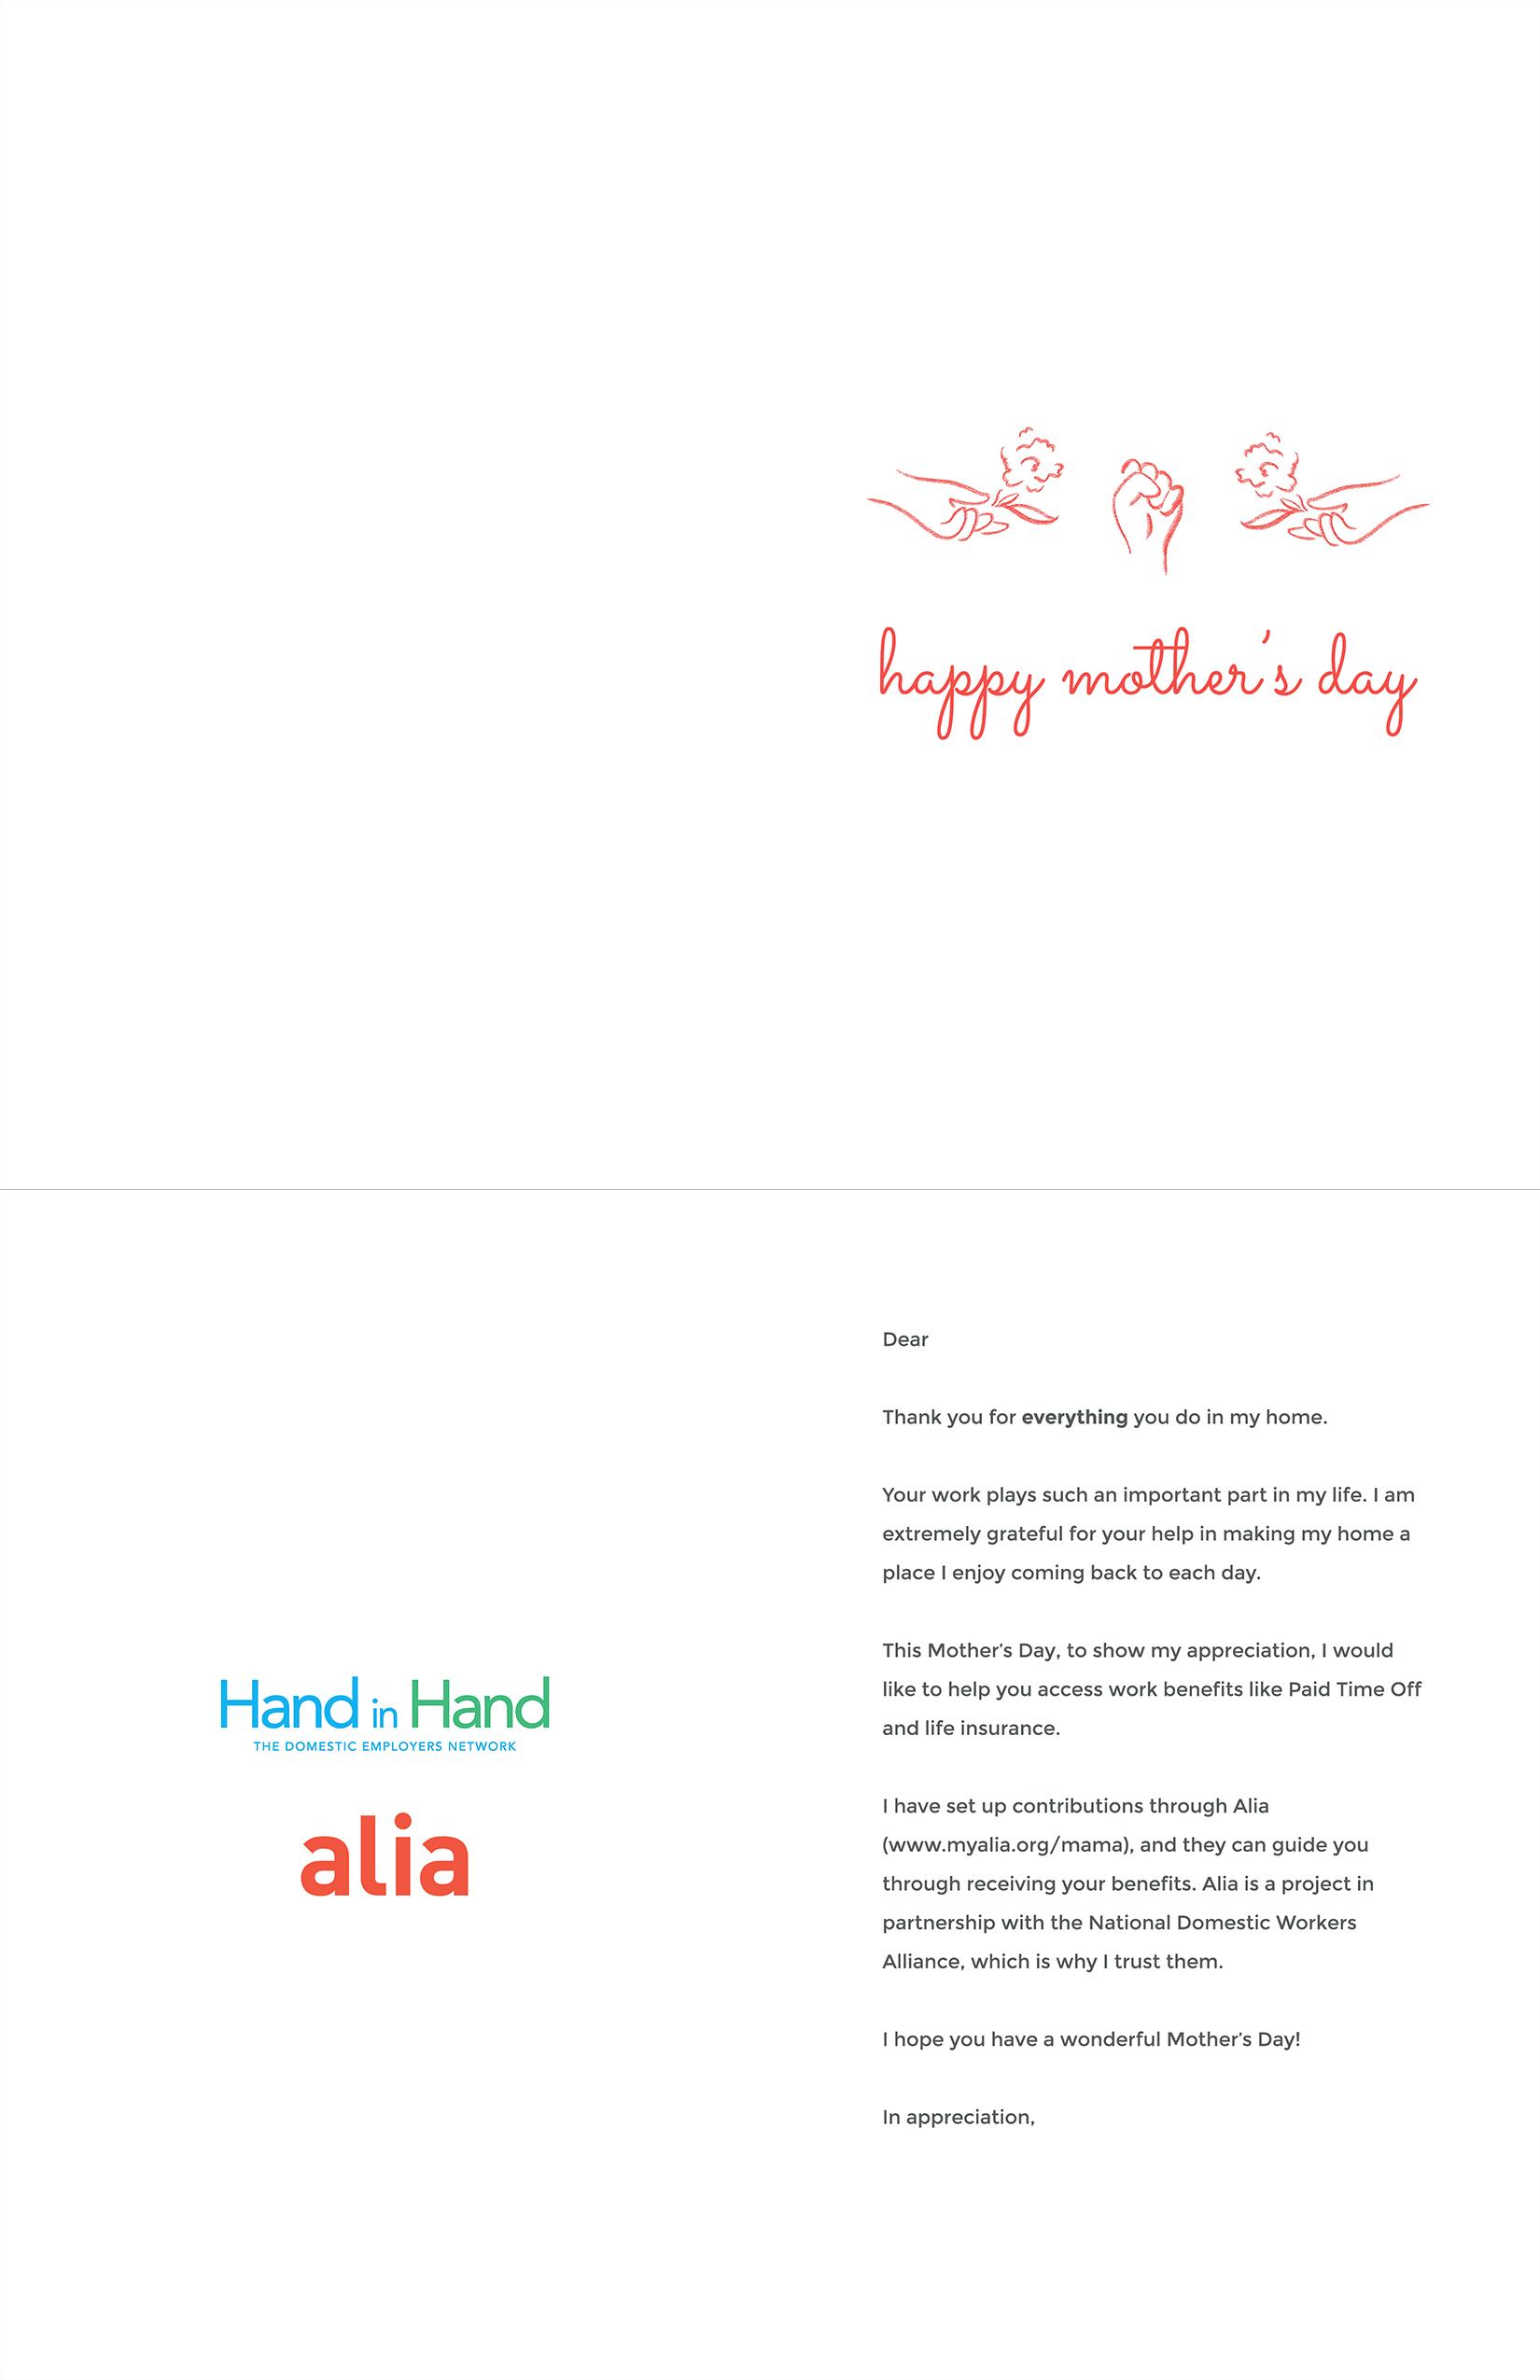 MothersDayCard_3_Thumbnail2.jpg